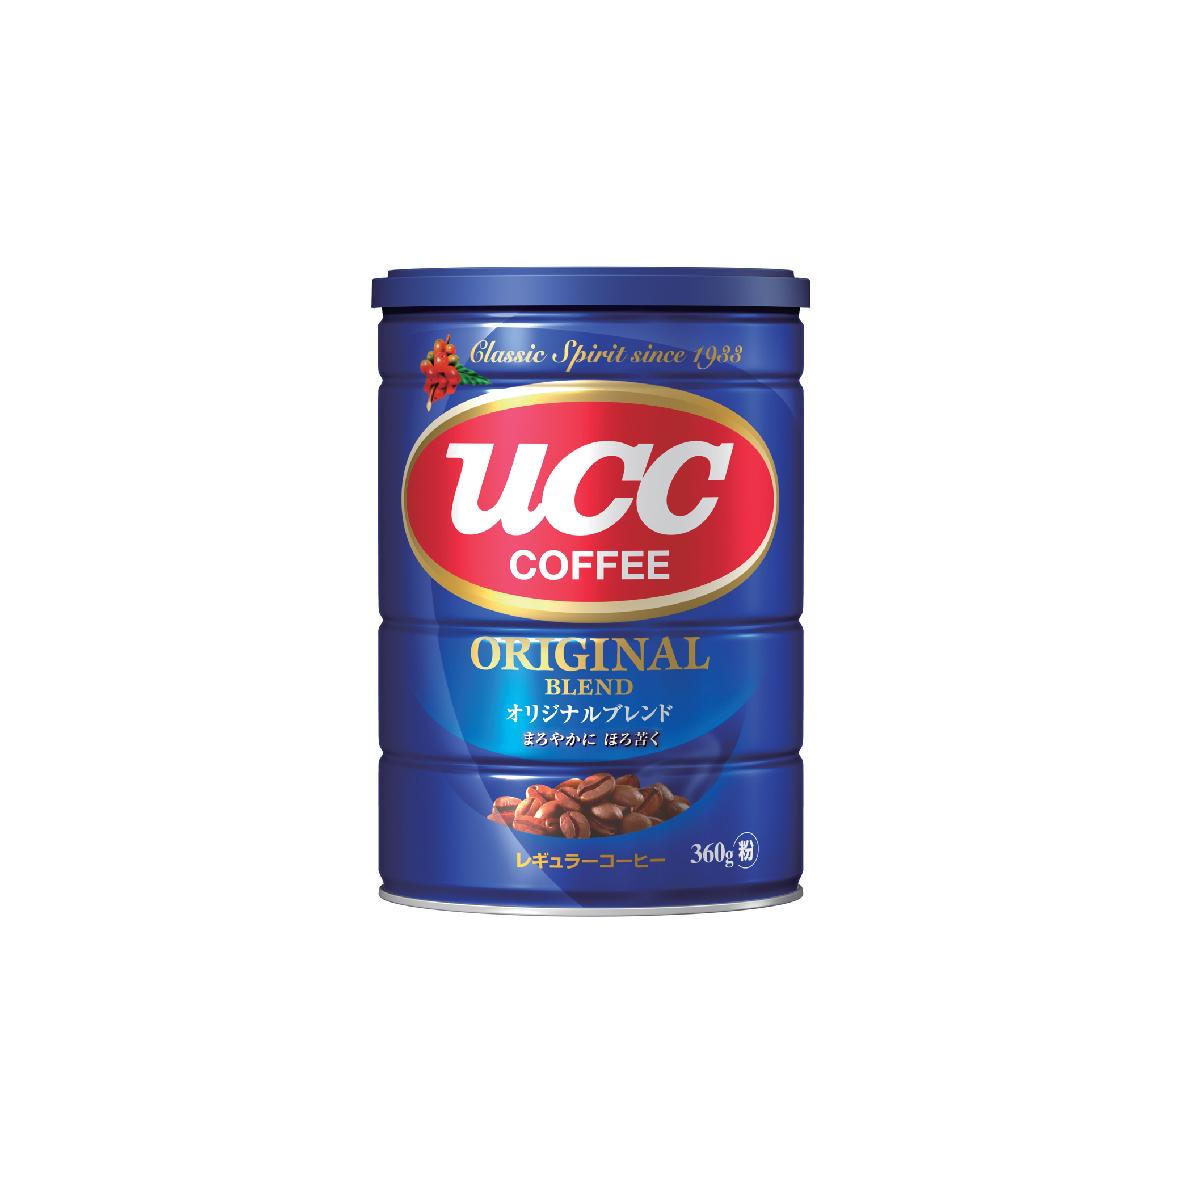 悠诗诗原味综合焙炒咖啡粉